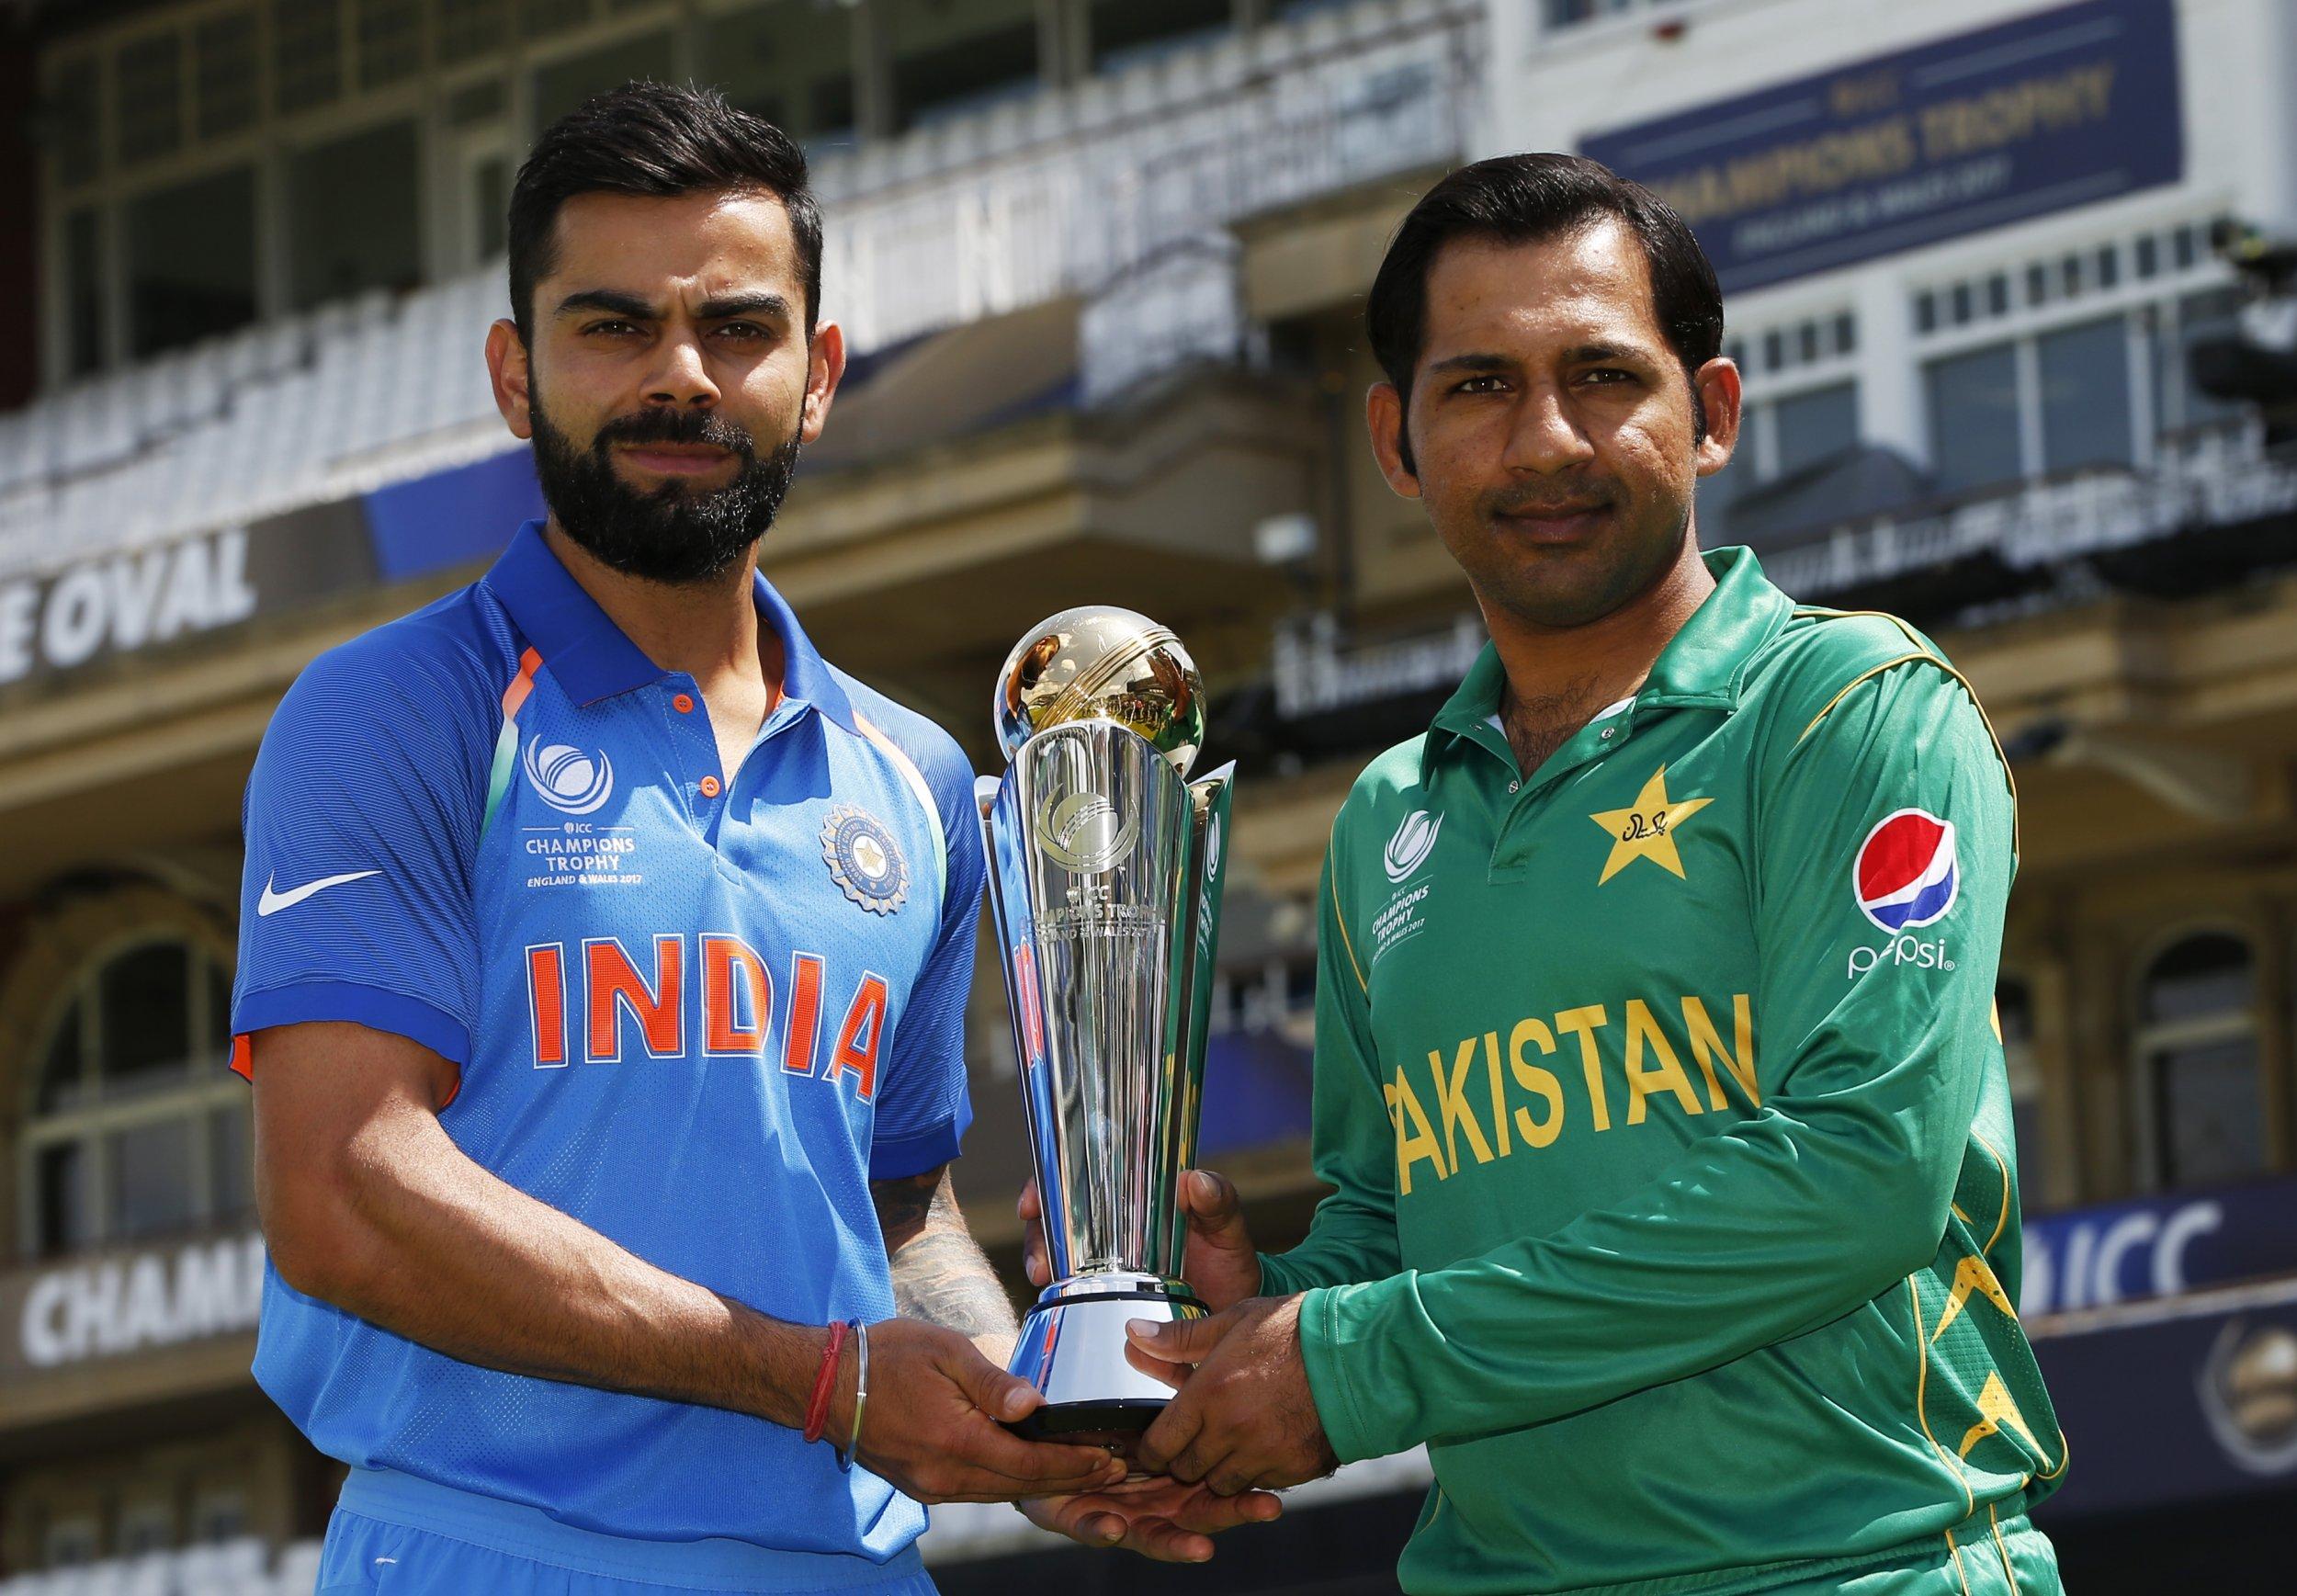 India Pakistan cricket, Virat Kohli